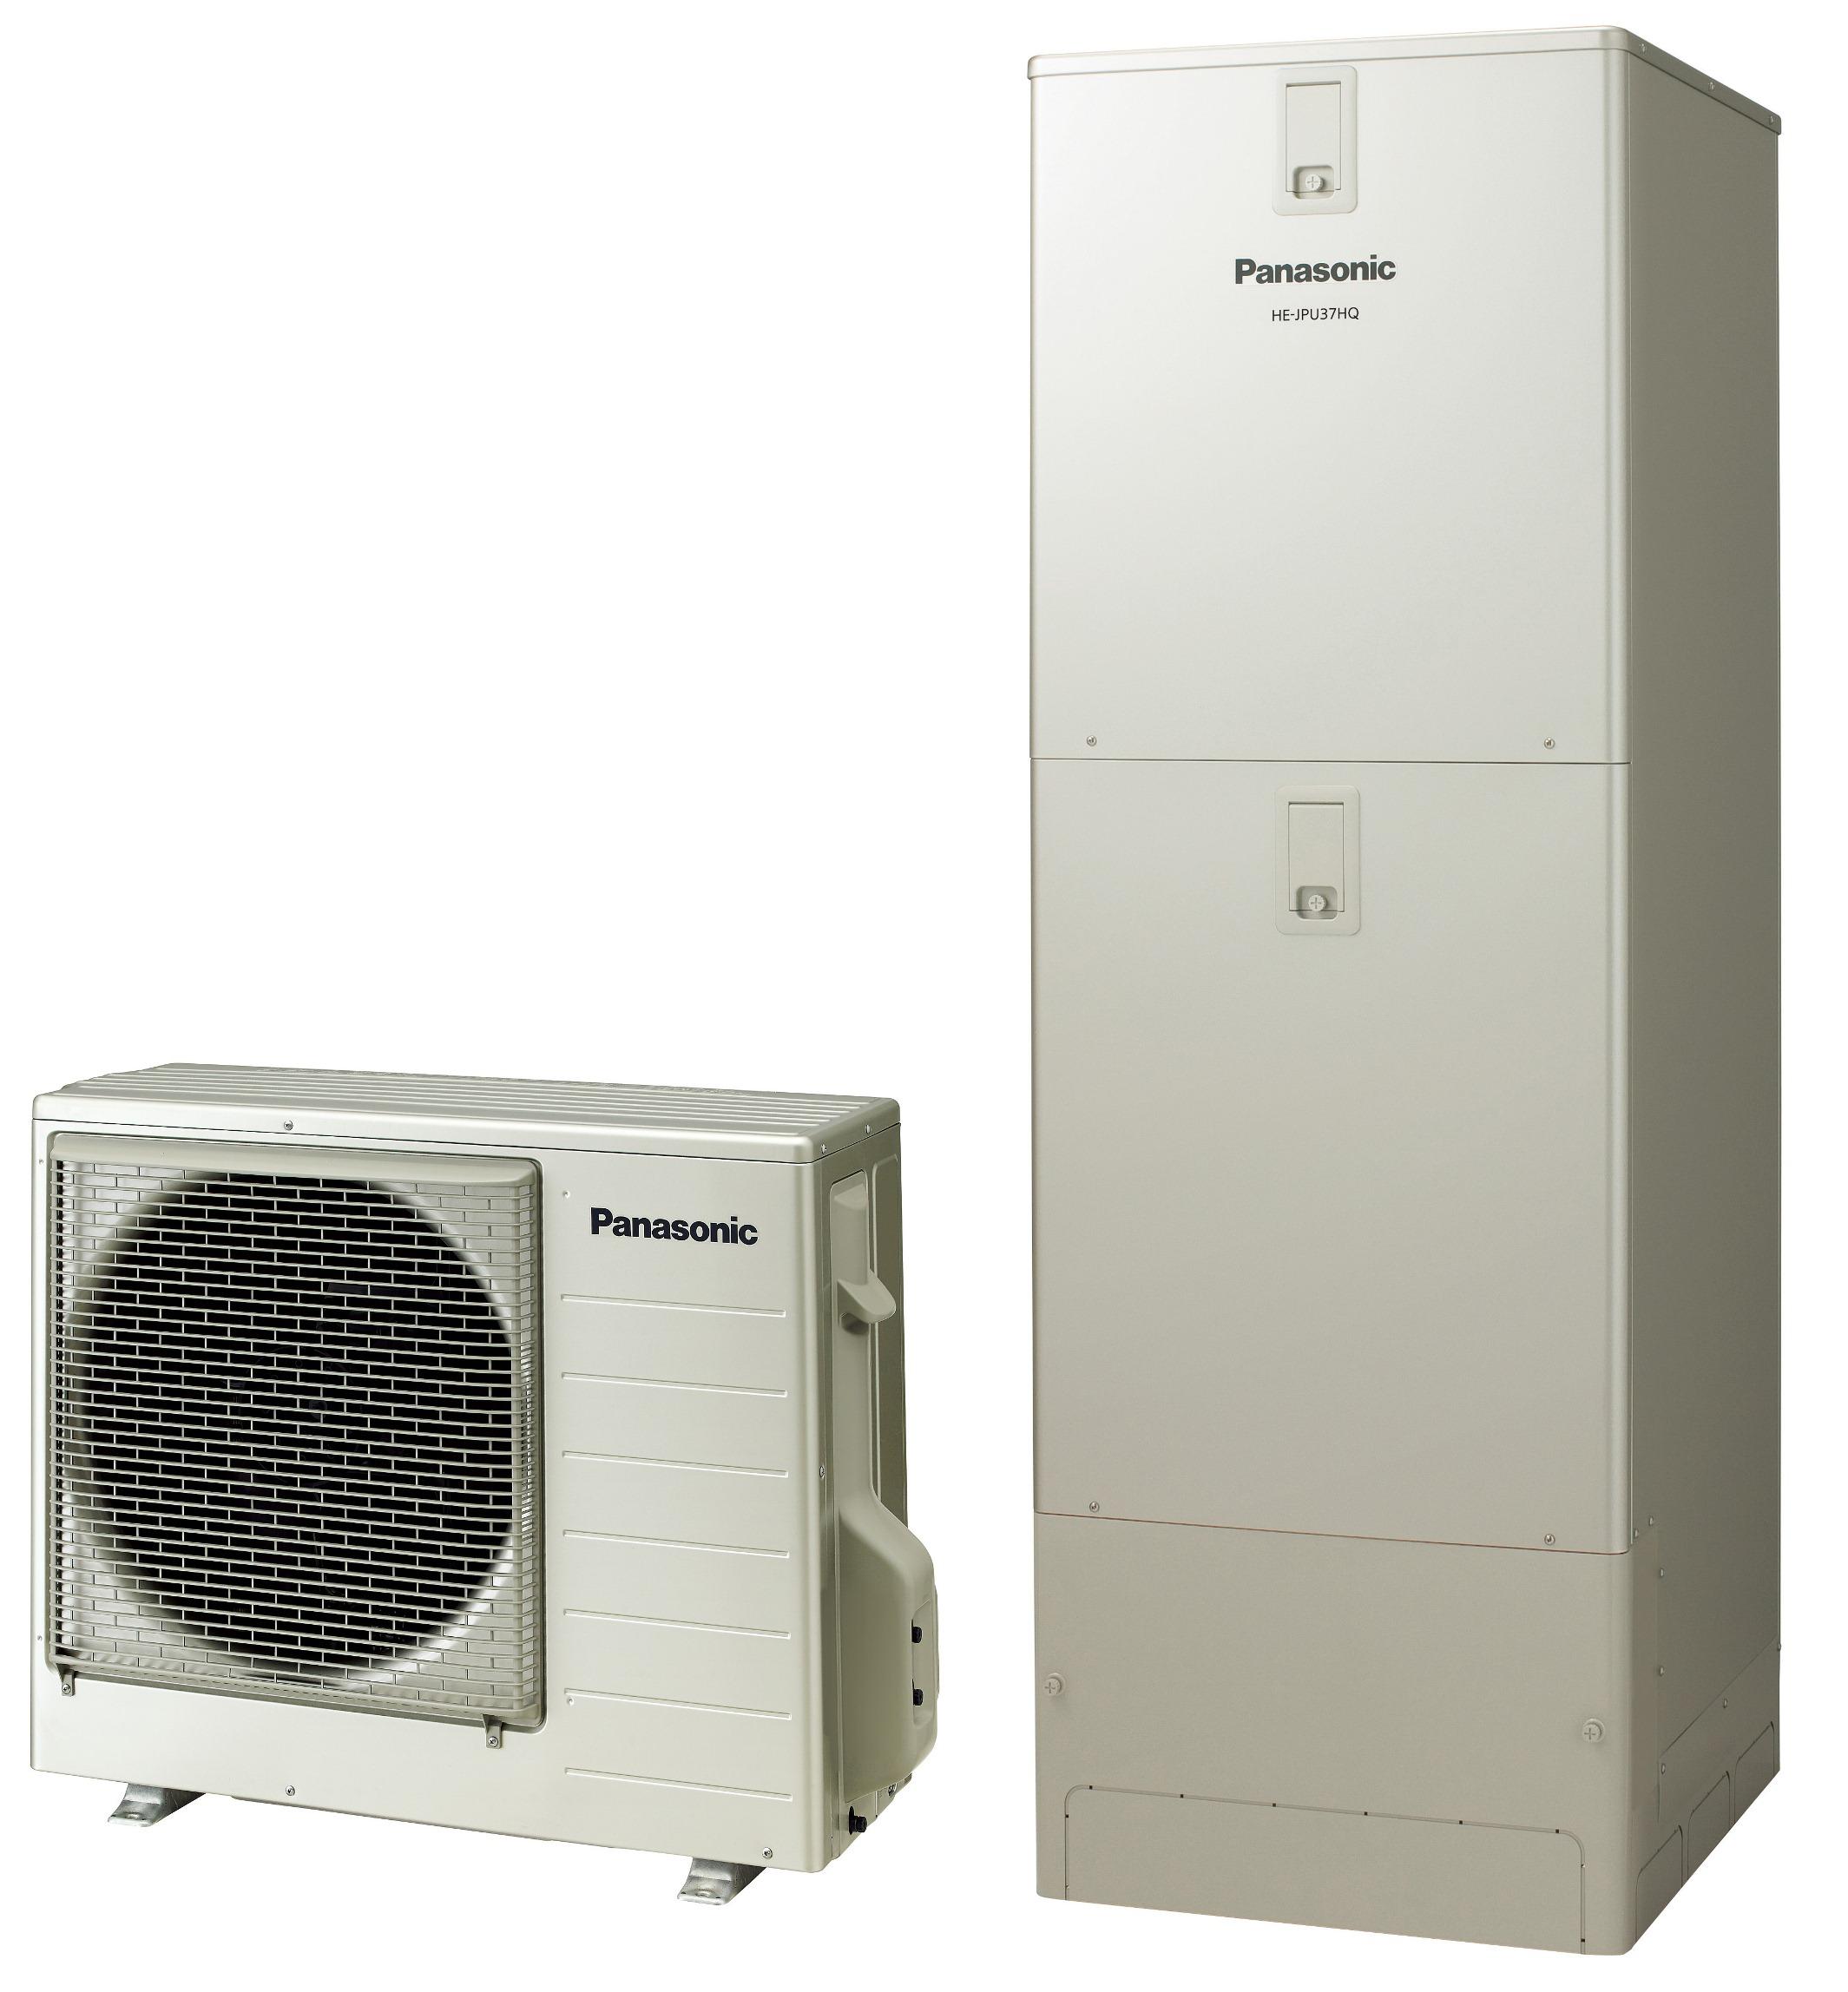 パナソニック 家庭用自然冷媒(CO2)ヒートポンプ給湯機「エコキュート」